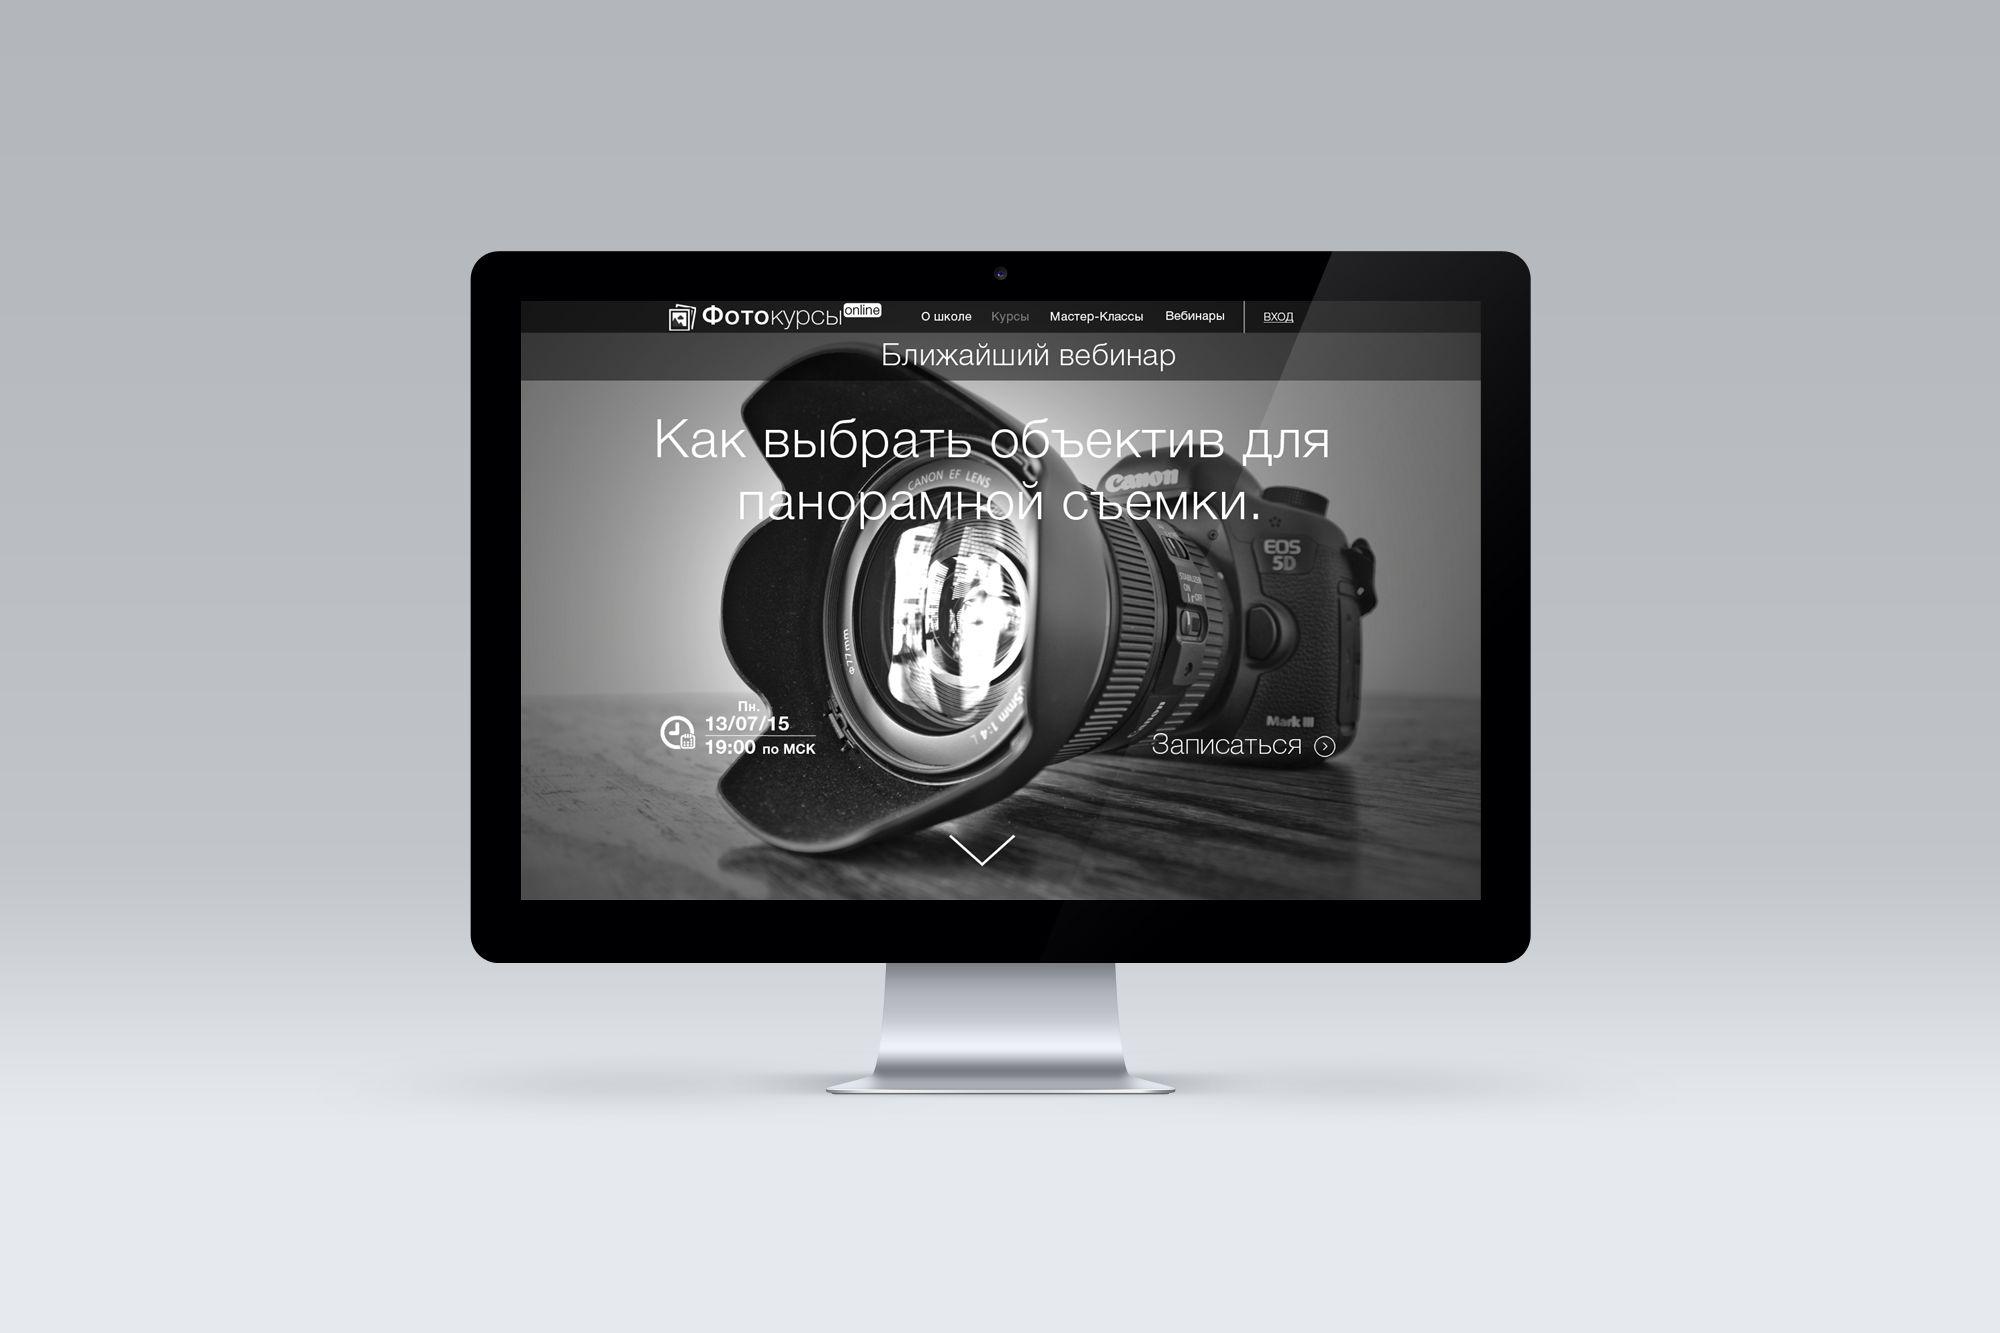 Онлайн обучение фотографии. Главная. - дизайнер stella_dii